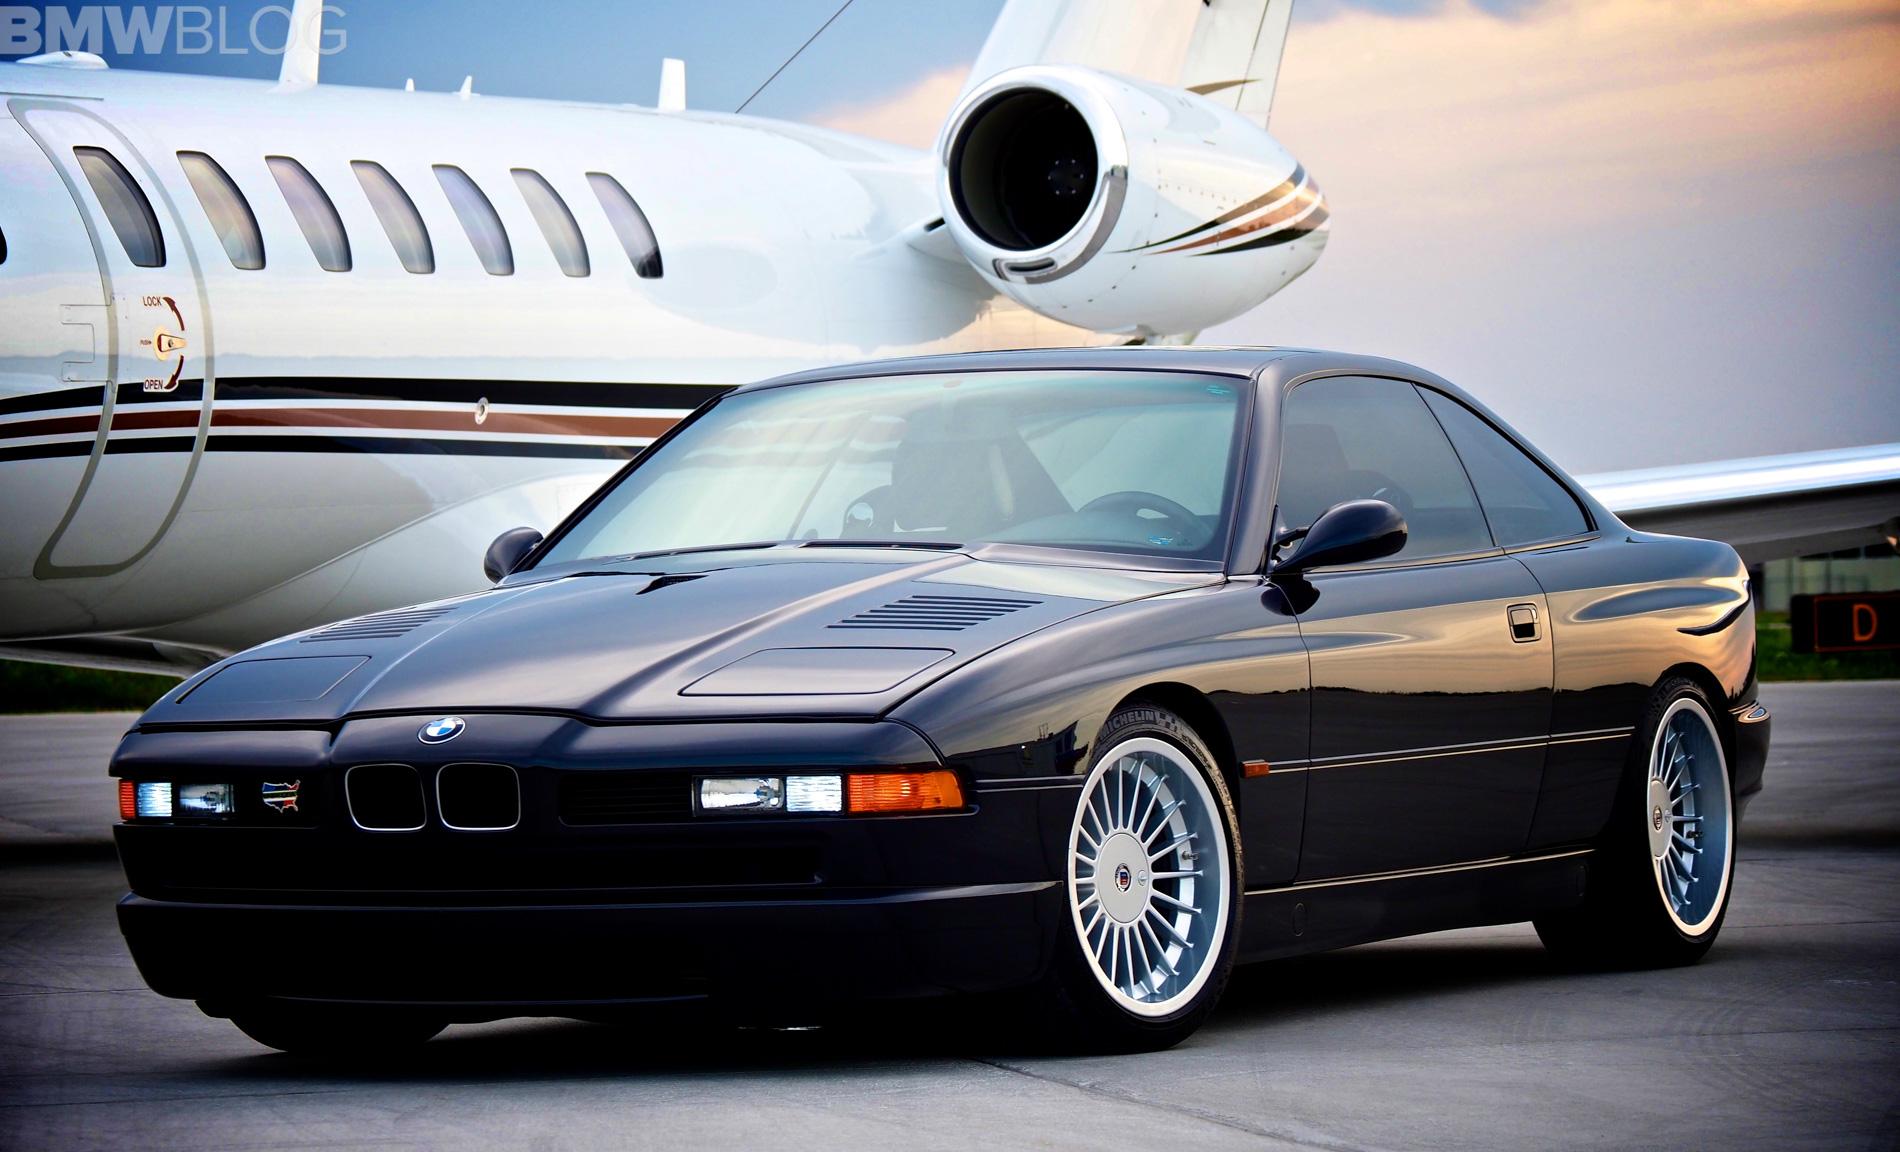 BMW E31 8 Series test drive 2